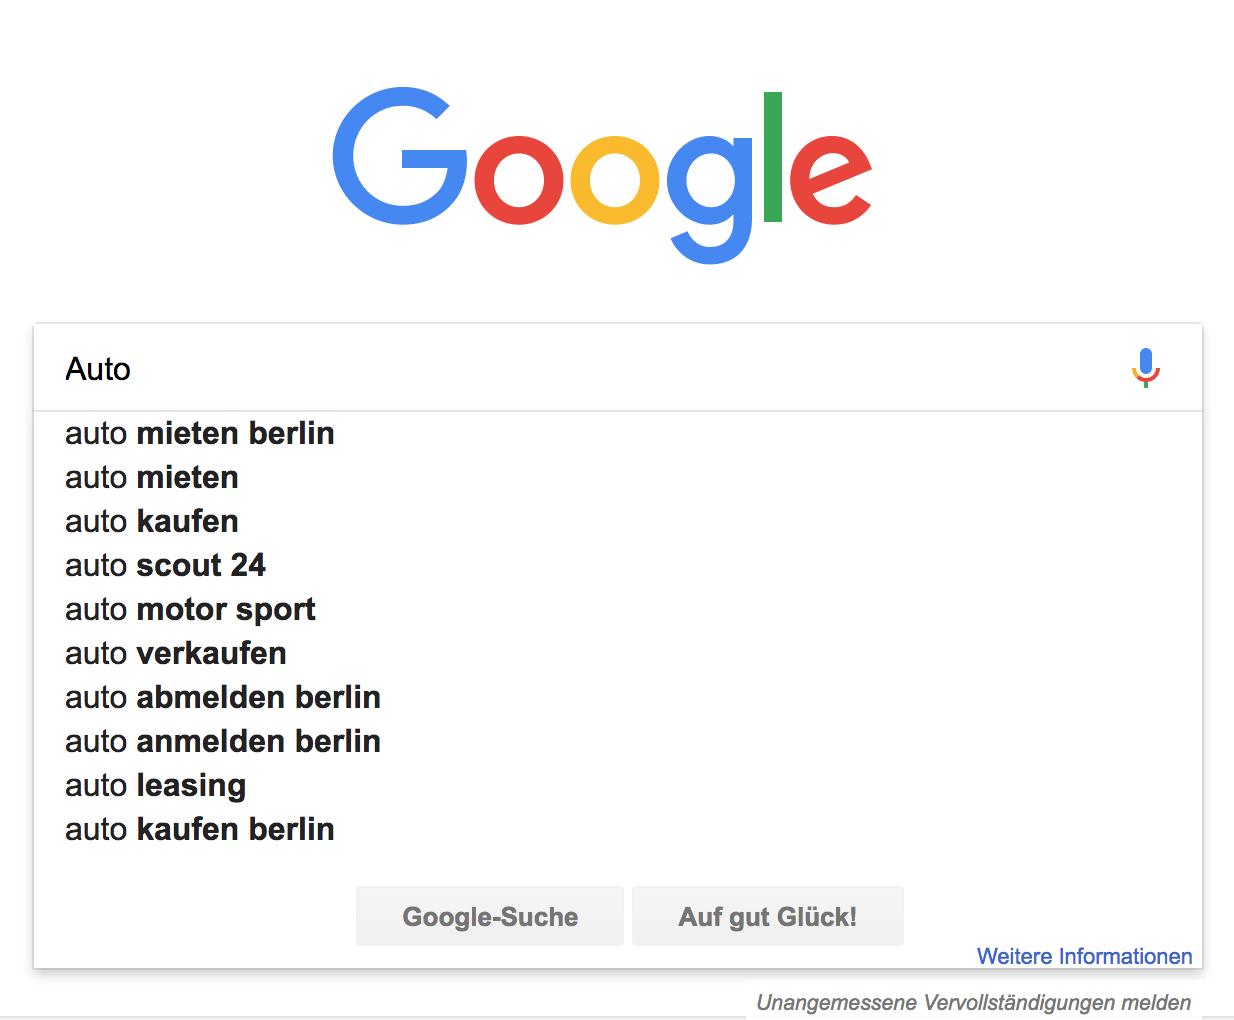 Beispiel für die Google Suggest Funktion